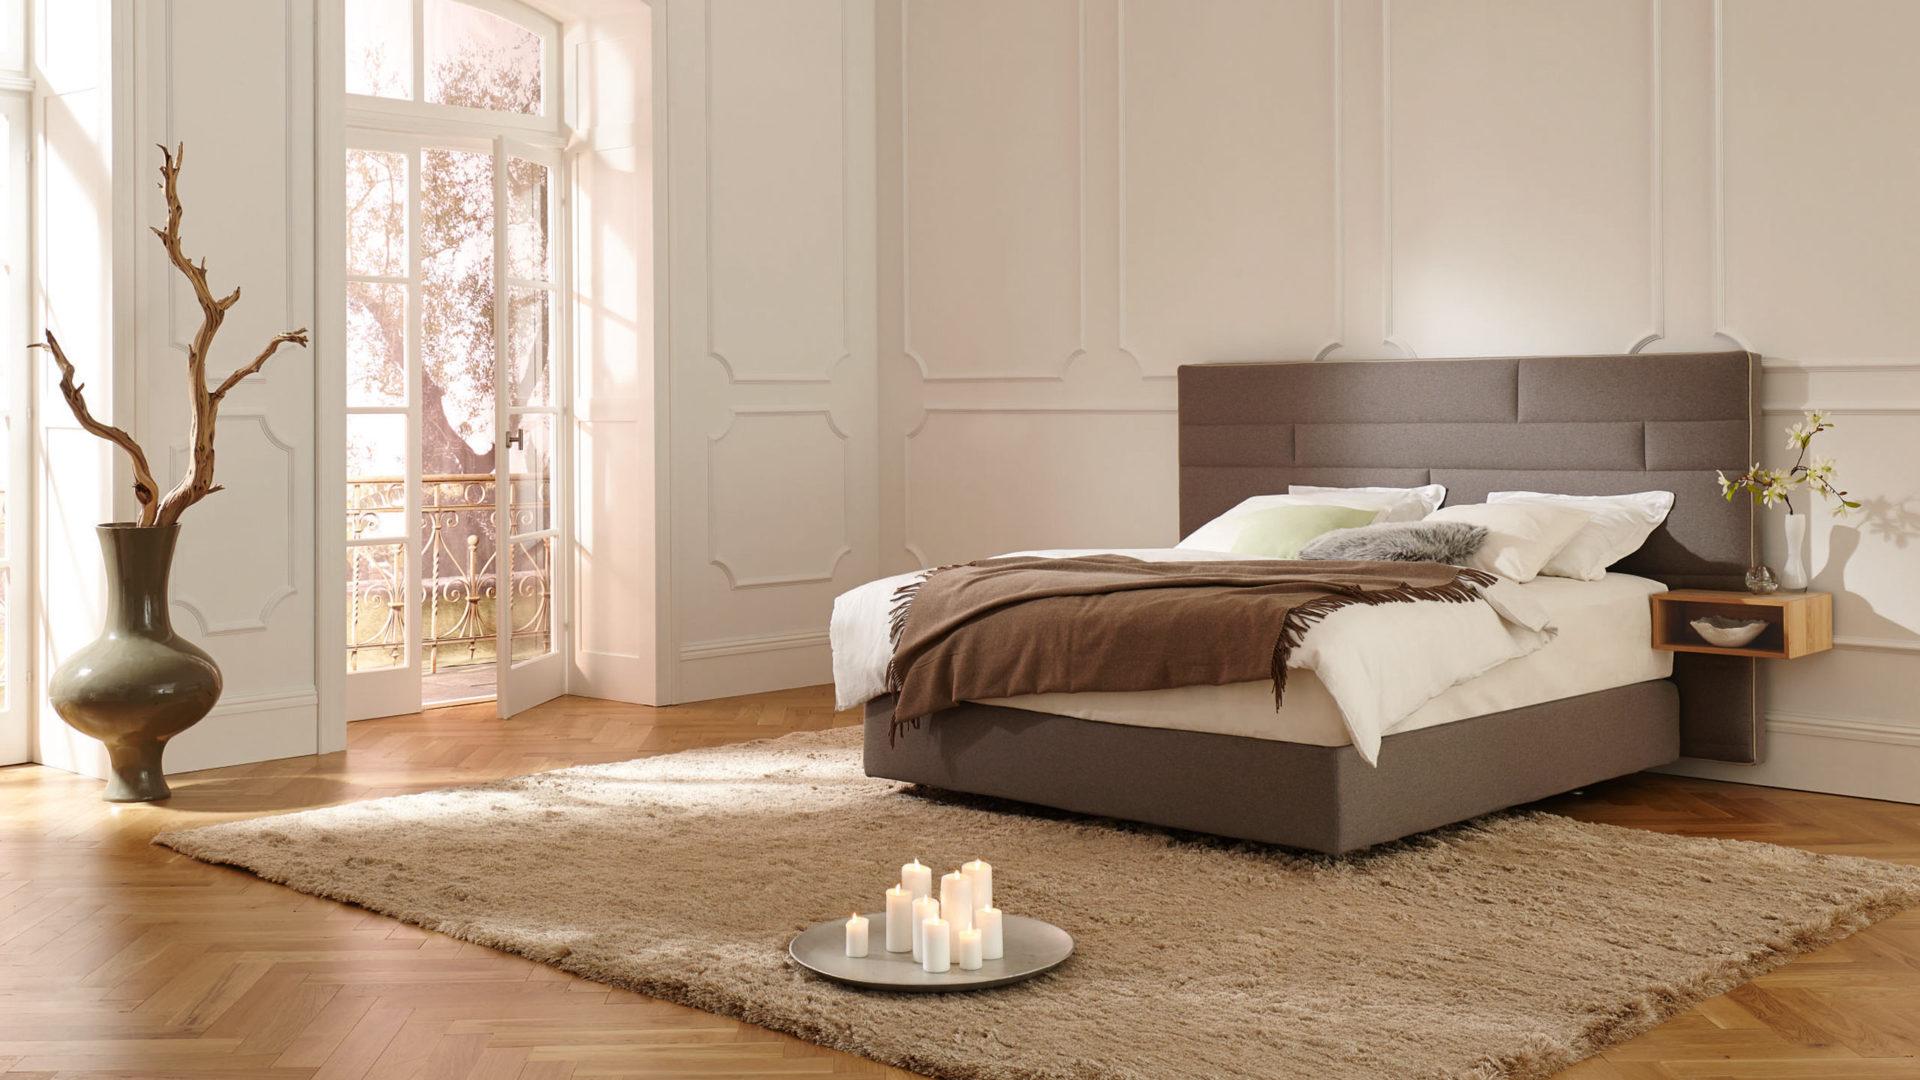 Hülsta Bett mit Deluxe Matratze